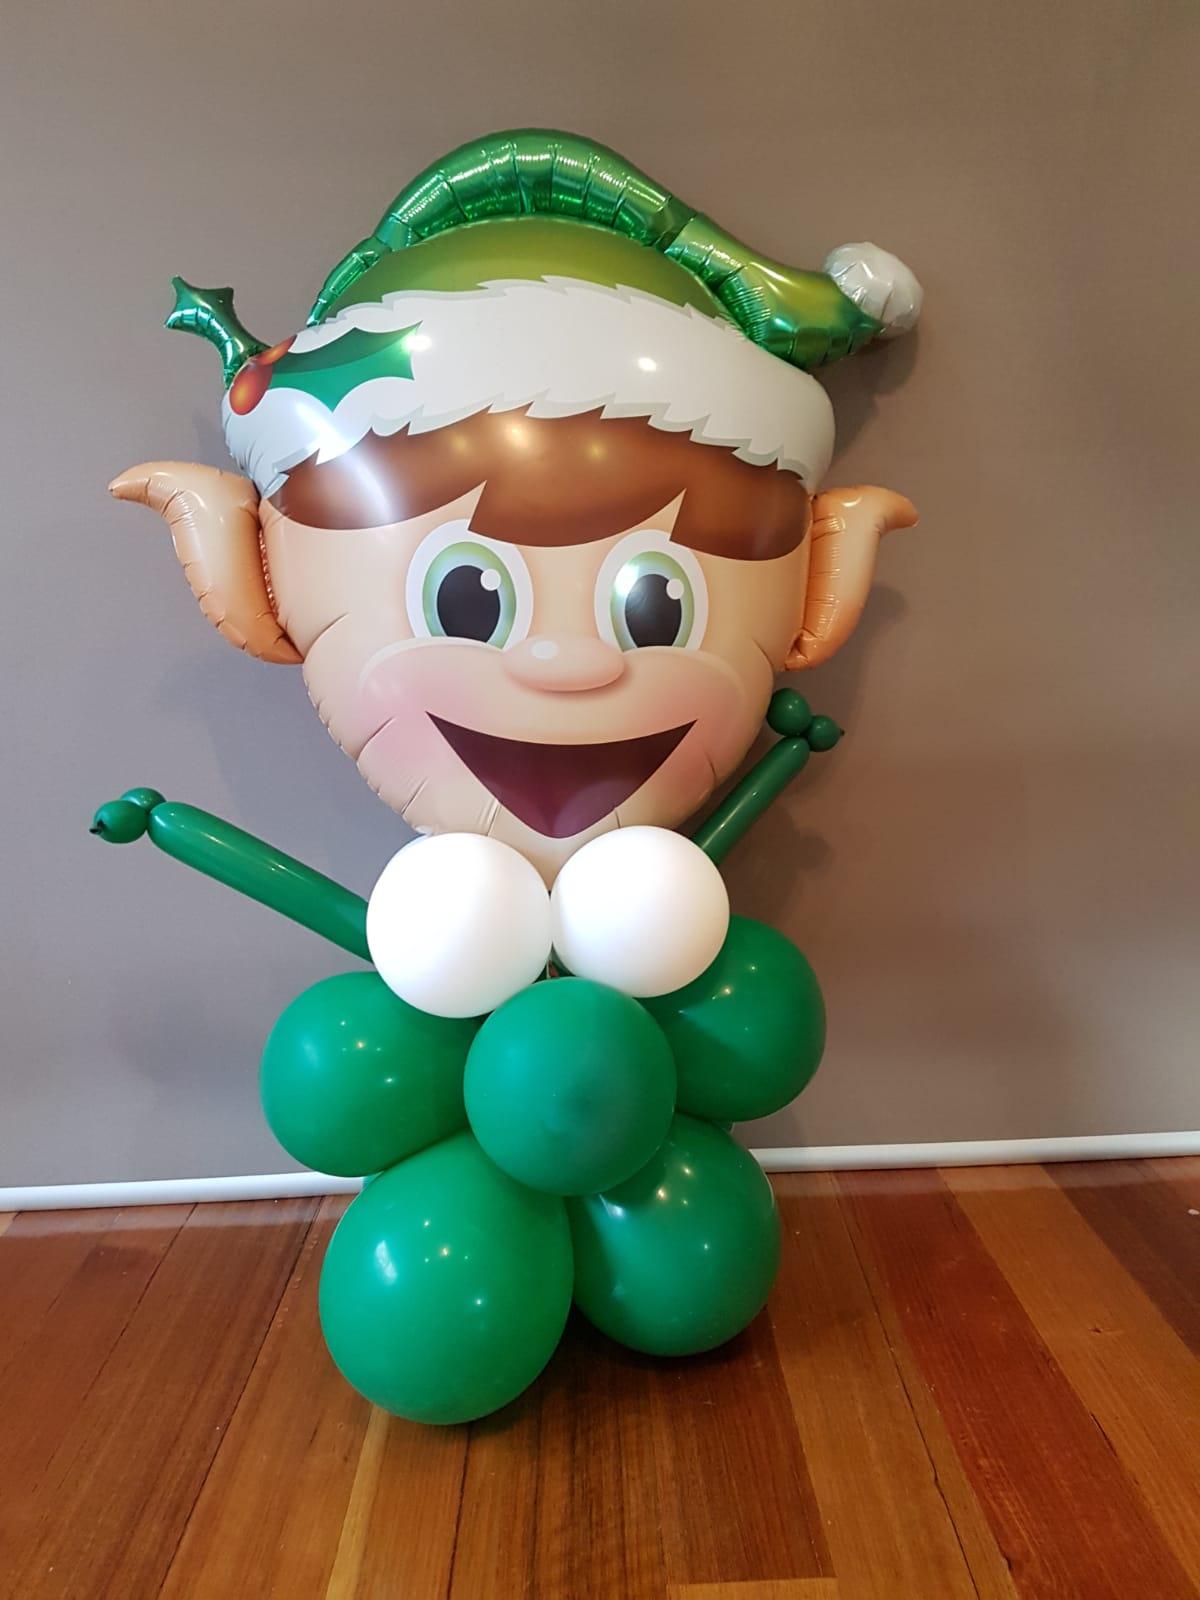 Festive Season Balloons 3